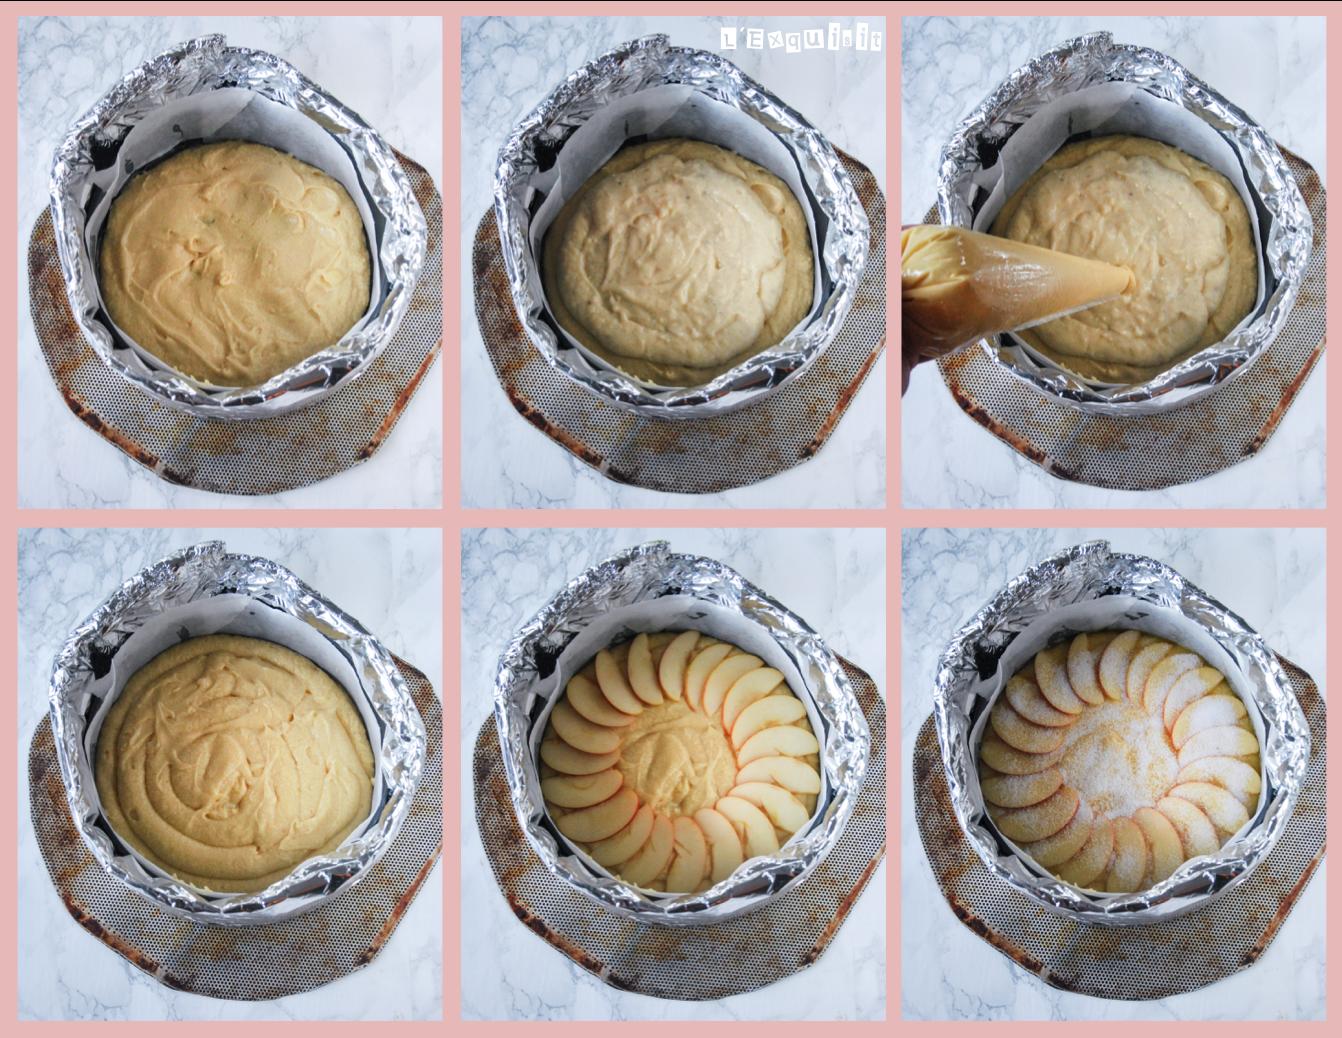 Bizcocho relleno de crema con manzana - preparación